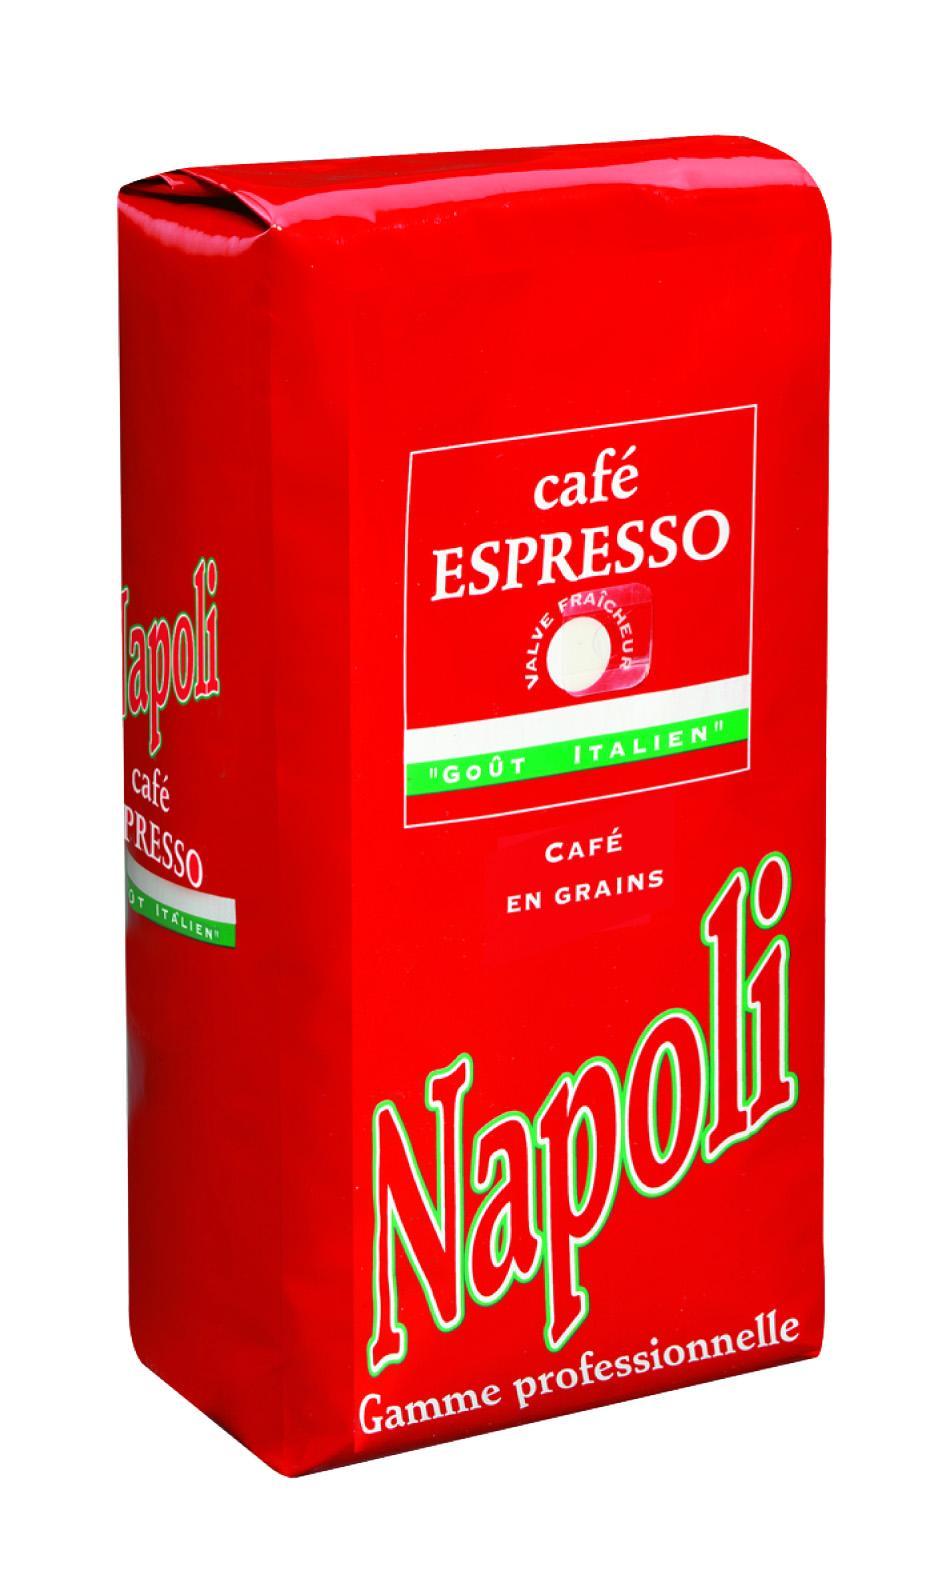 Legal Napoli紅牌意式咖啡豆